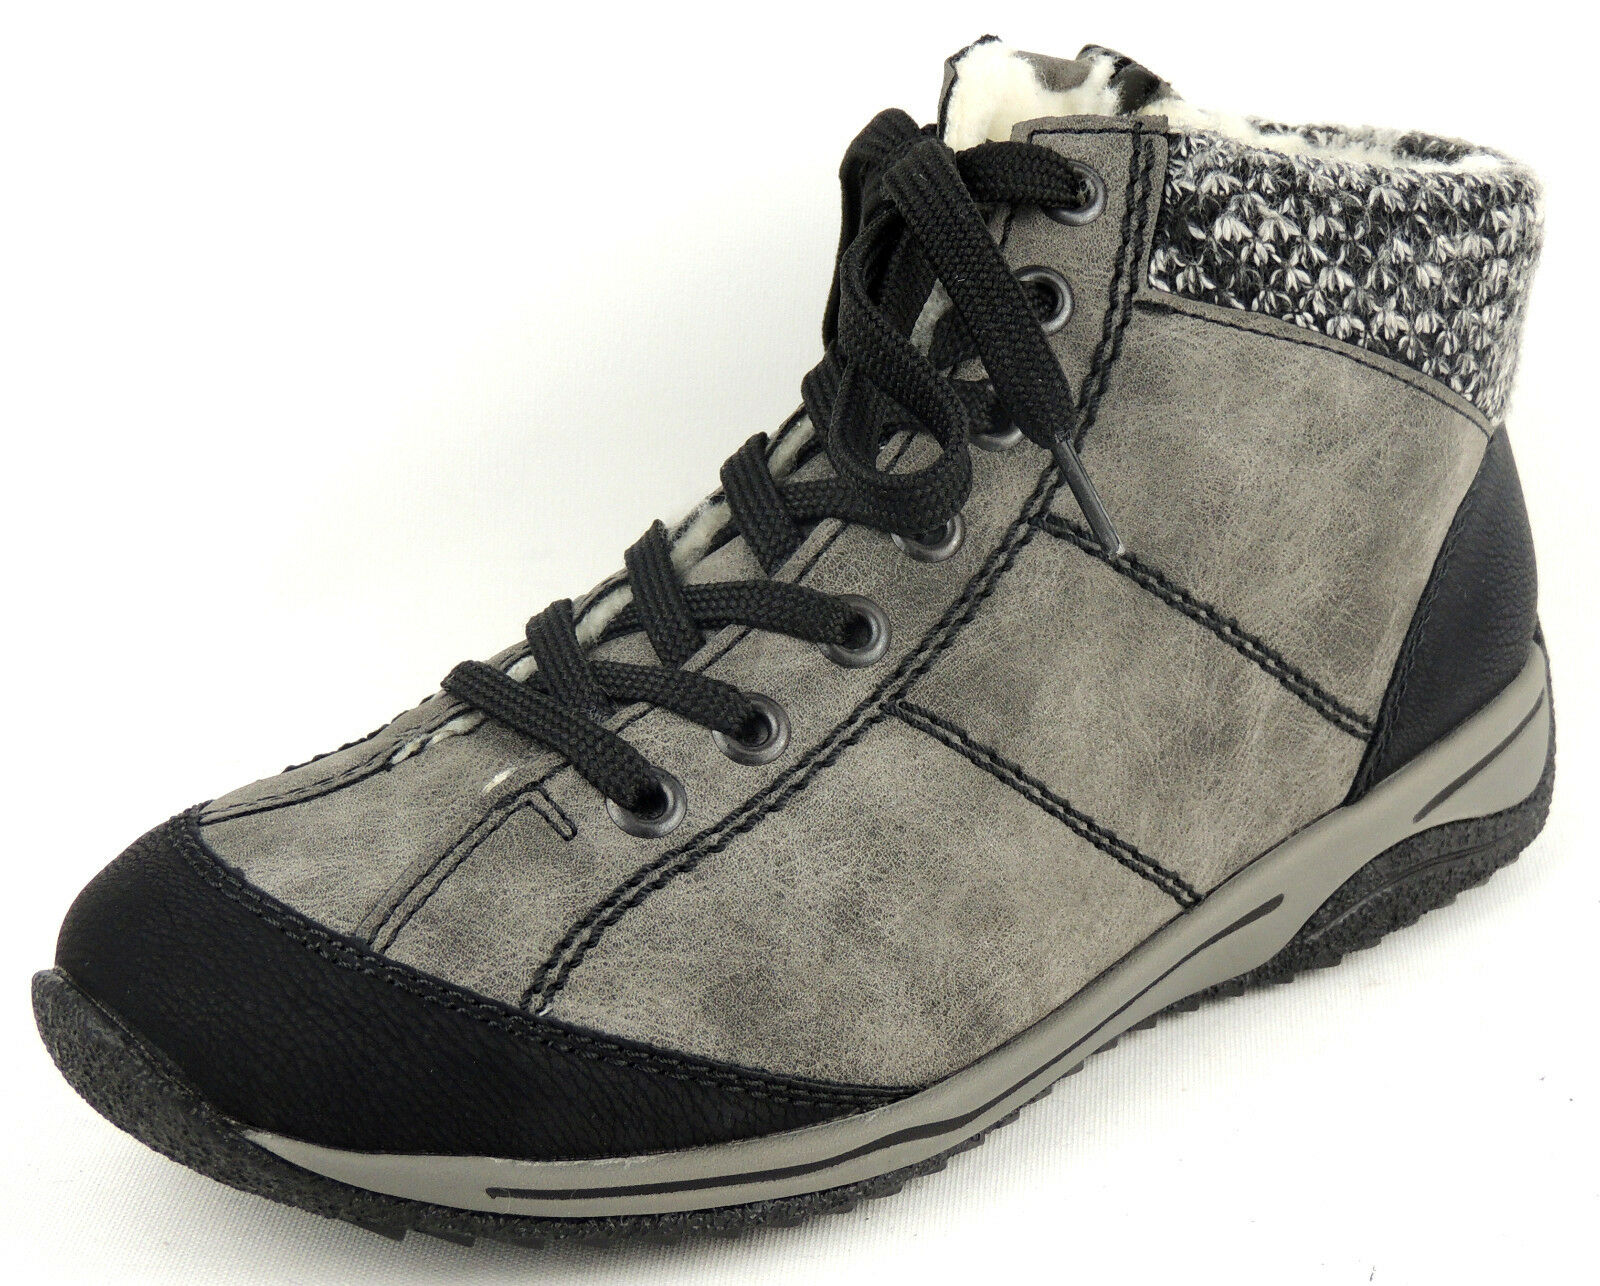 Rieker señora botaie caliente forraje gris cremallera en lugar de depósitos